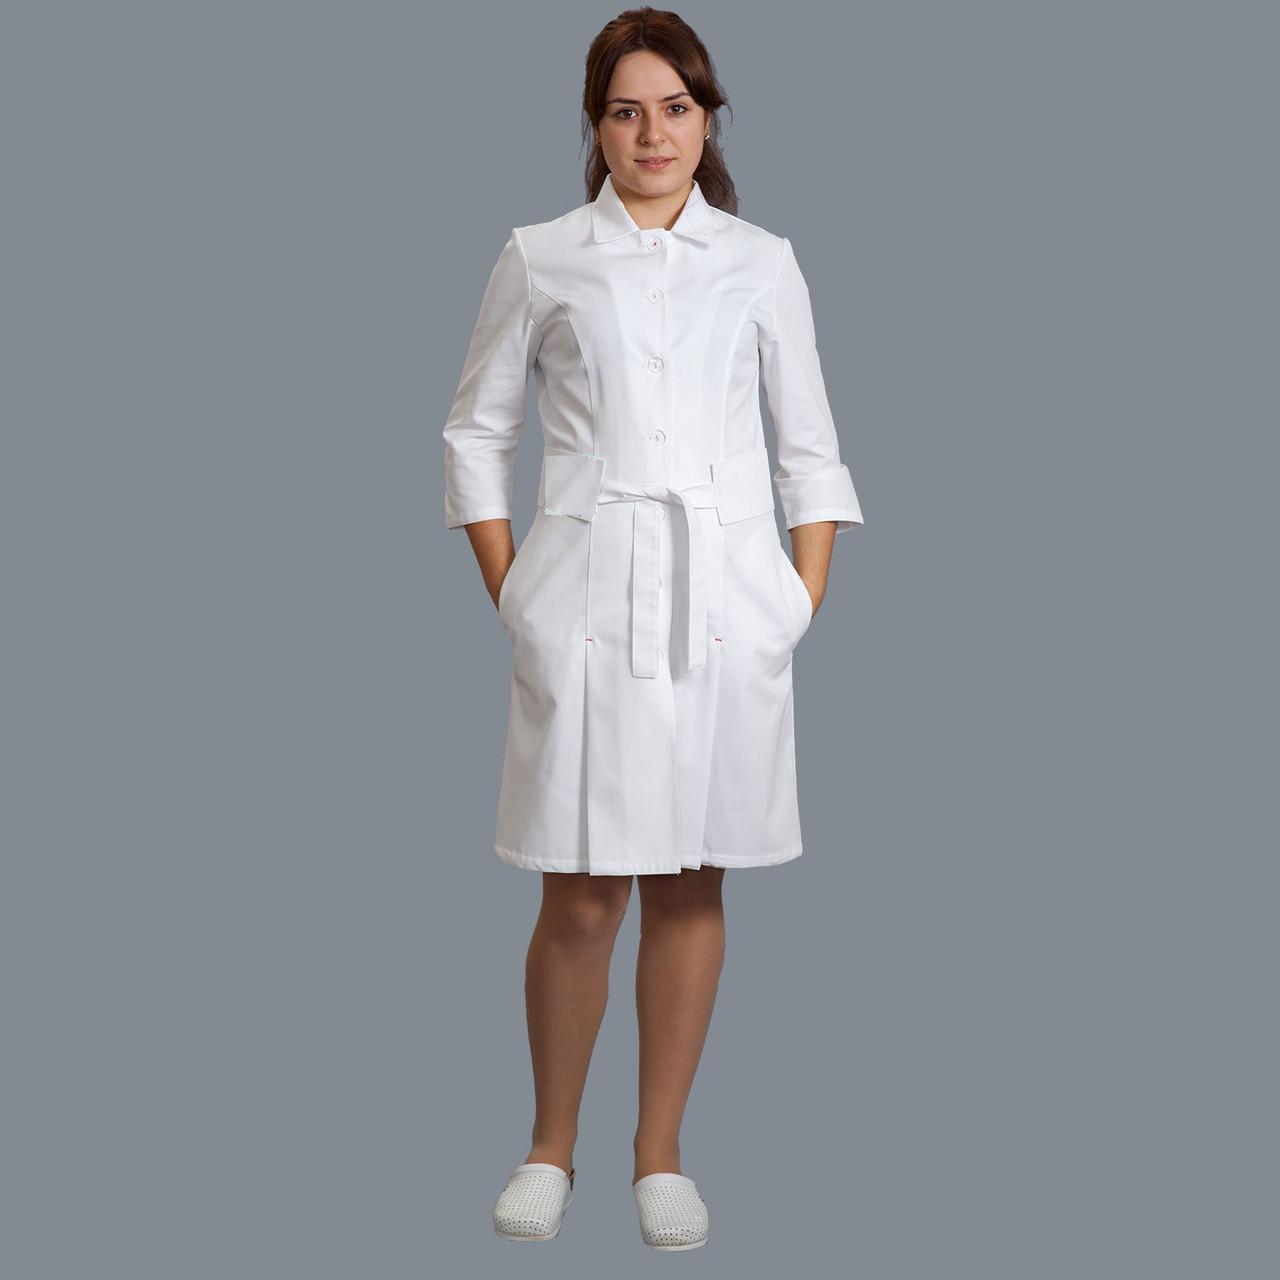 Медицинский женский халат Жанна р.48 (плотная ткань 100% хлопок)